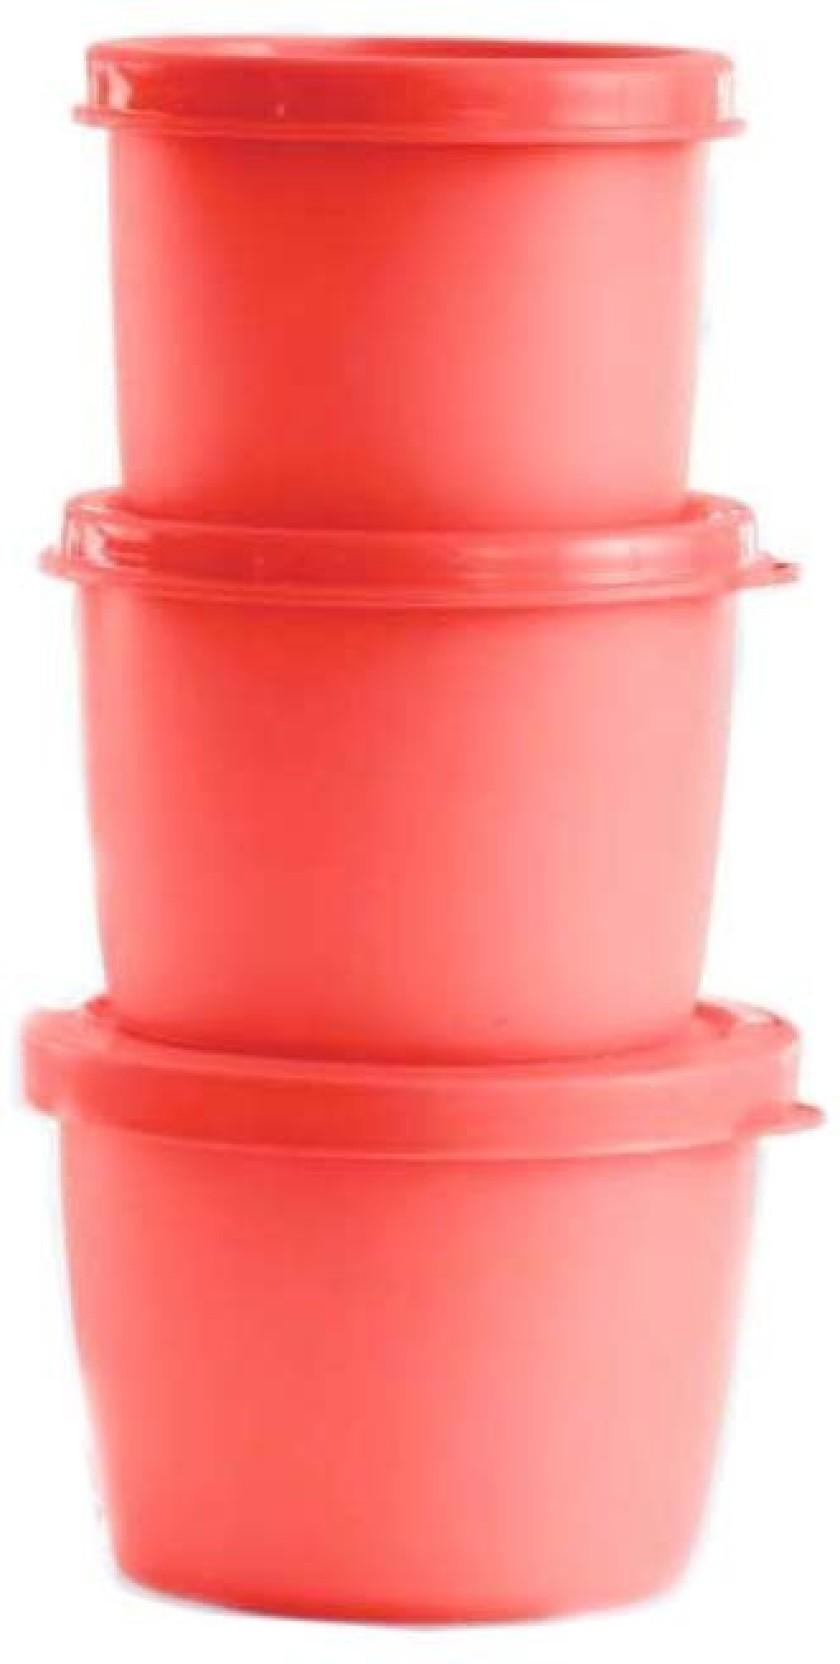 Tupperware Kit Cup 200 Ml 160 130 Polypropylene Fridge Gelas Plastik Tutup Tumbler Colorfull Add To Cart